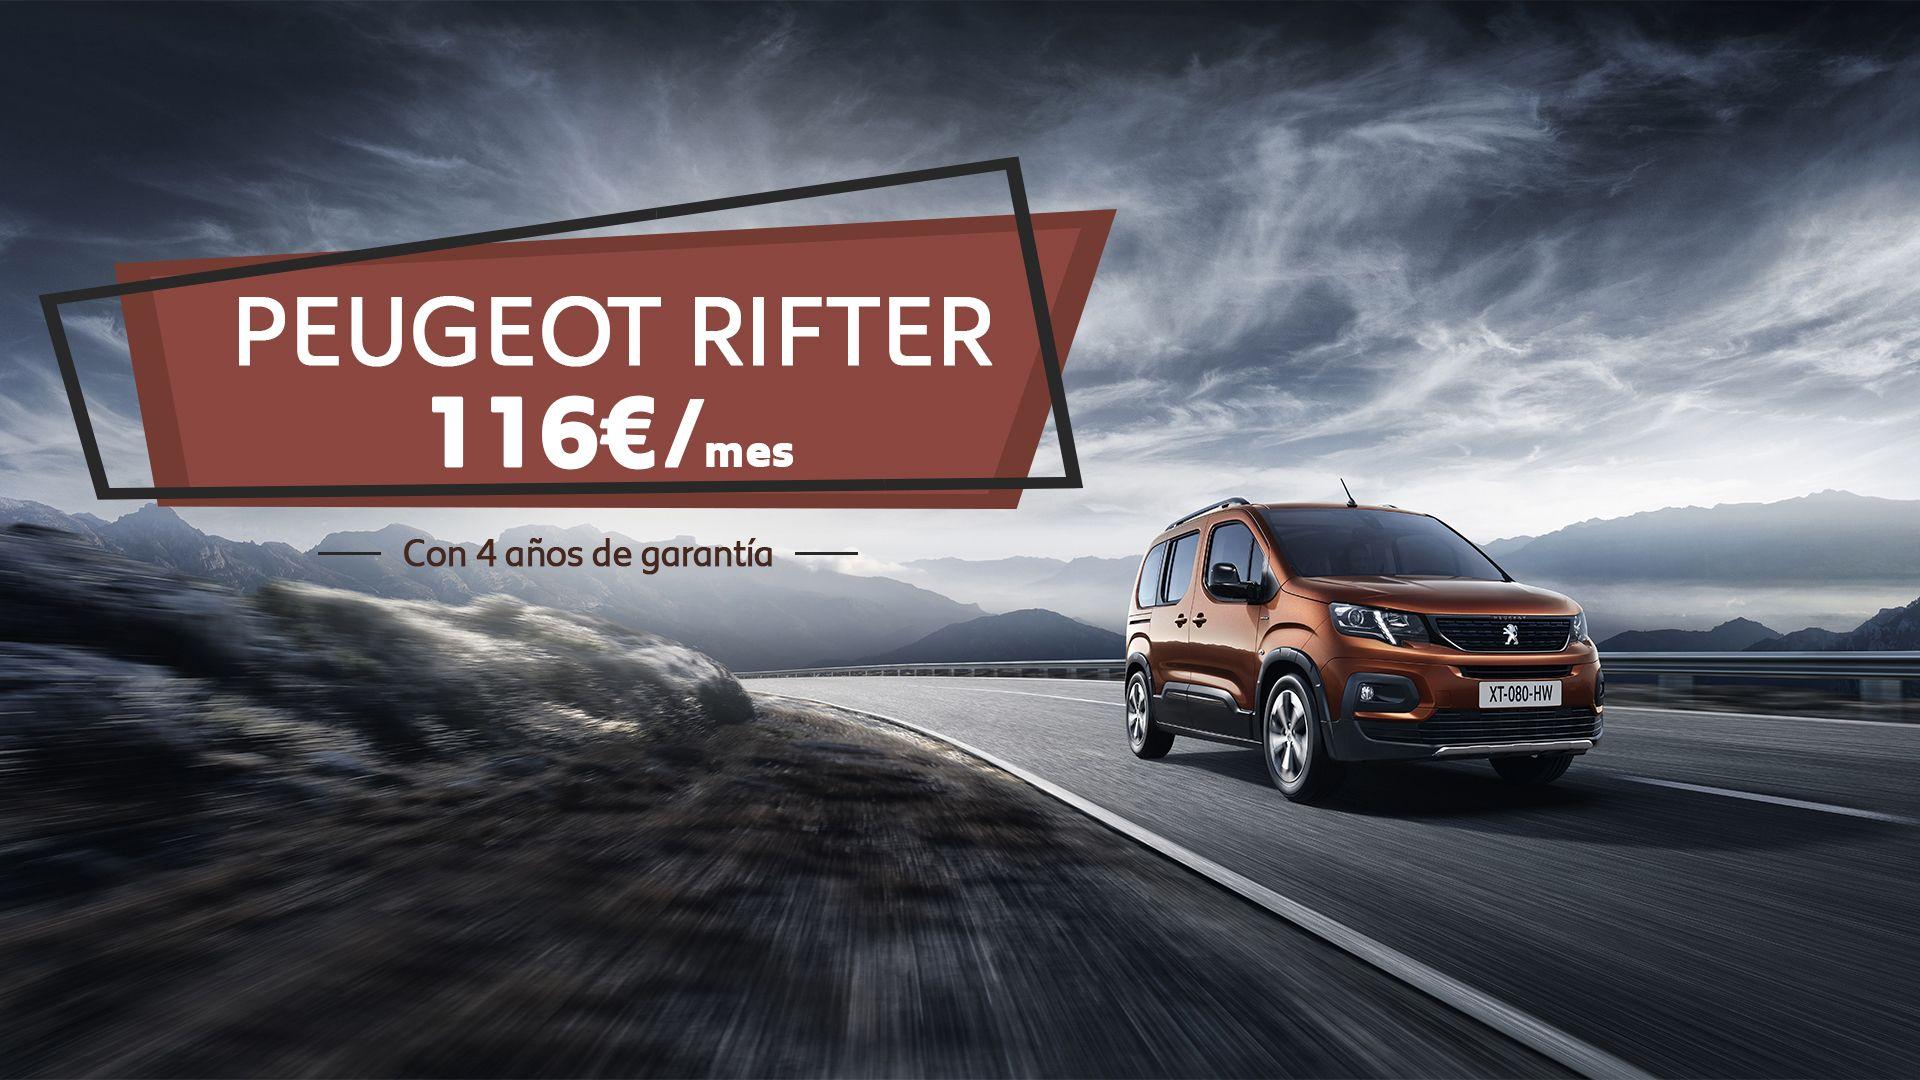 Conduce el nuevo  Peugeot Rifter por sólo 116€/mes y CUATRO años de garantía